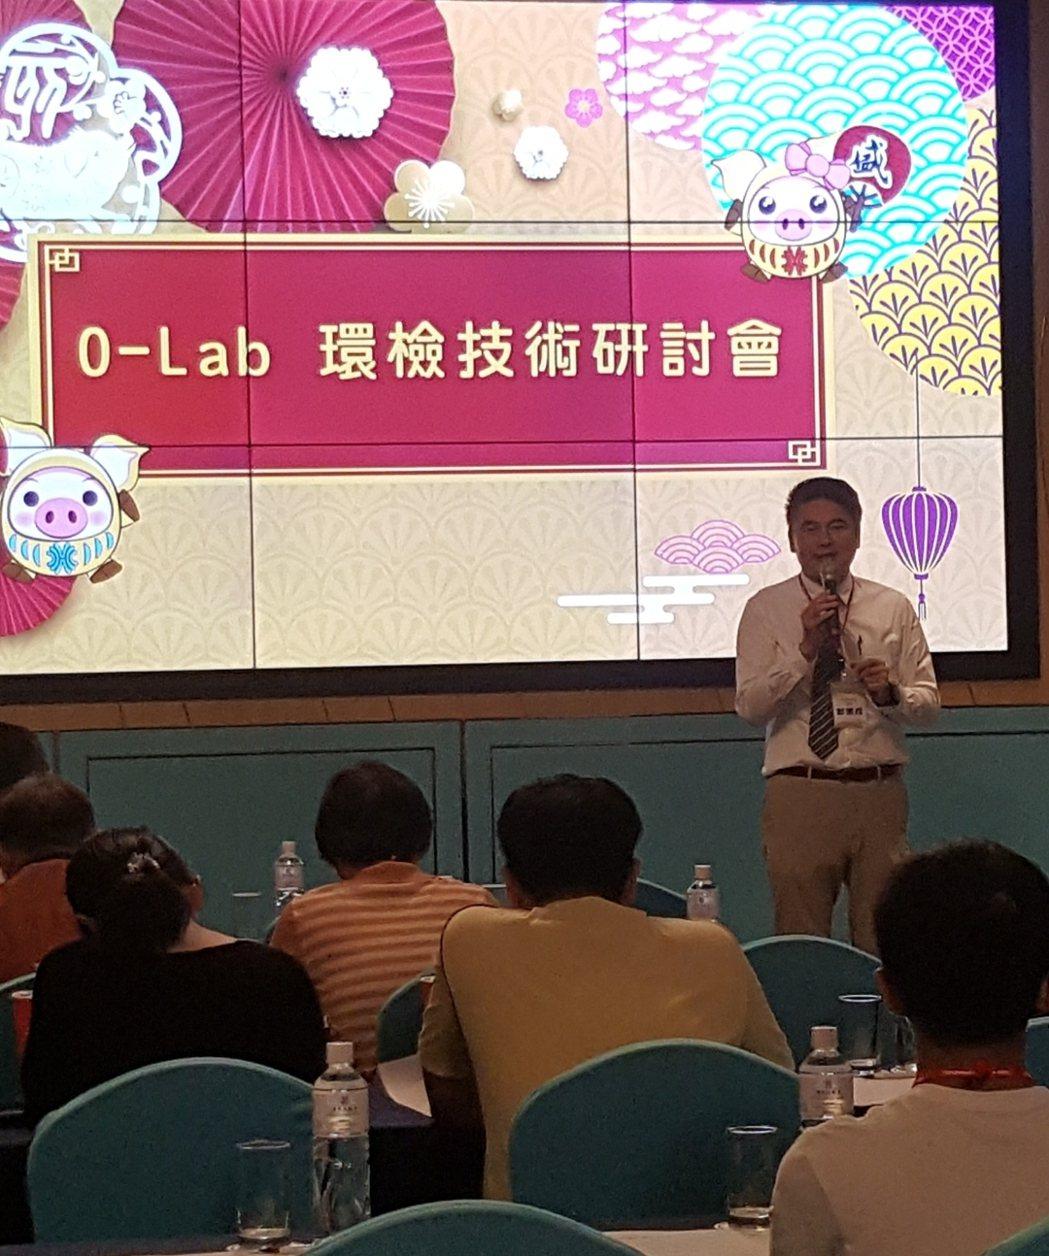 高雄市儀器公會理事長郭鵬成表示,O-Lab聯盟可以說是南部儀器界的創舉。 許夷雯...